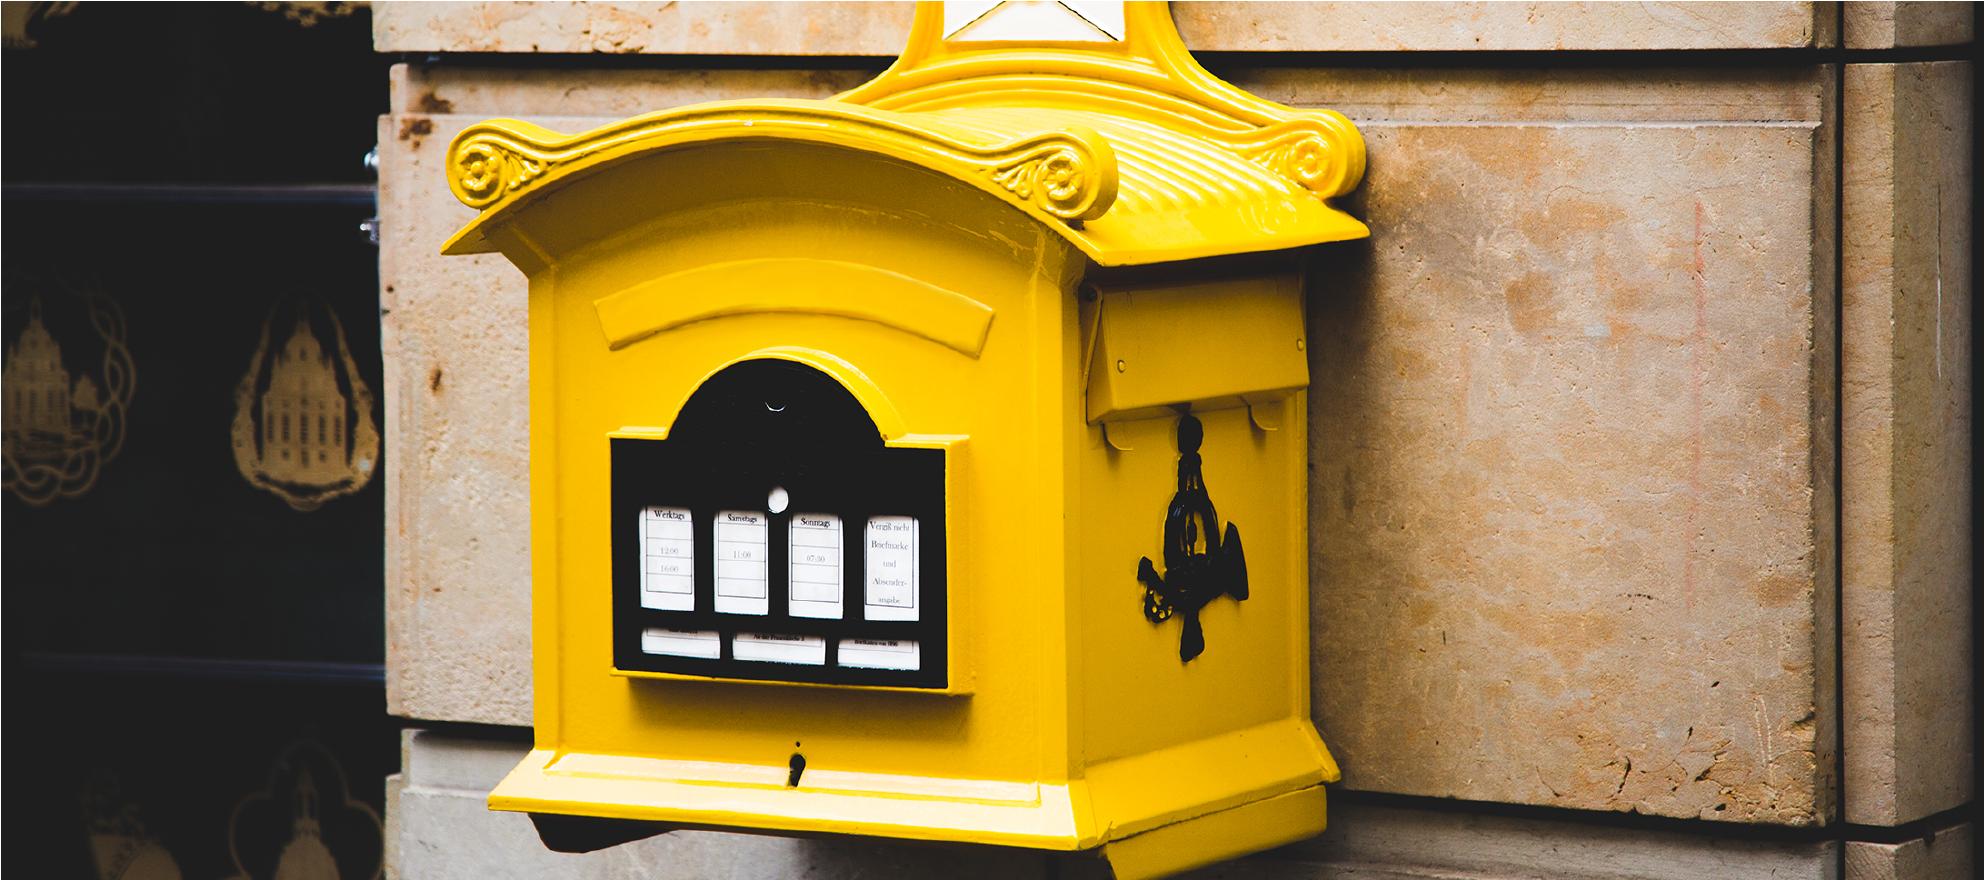 Direct mail help brokerage